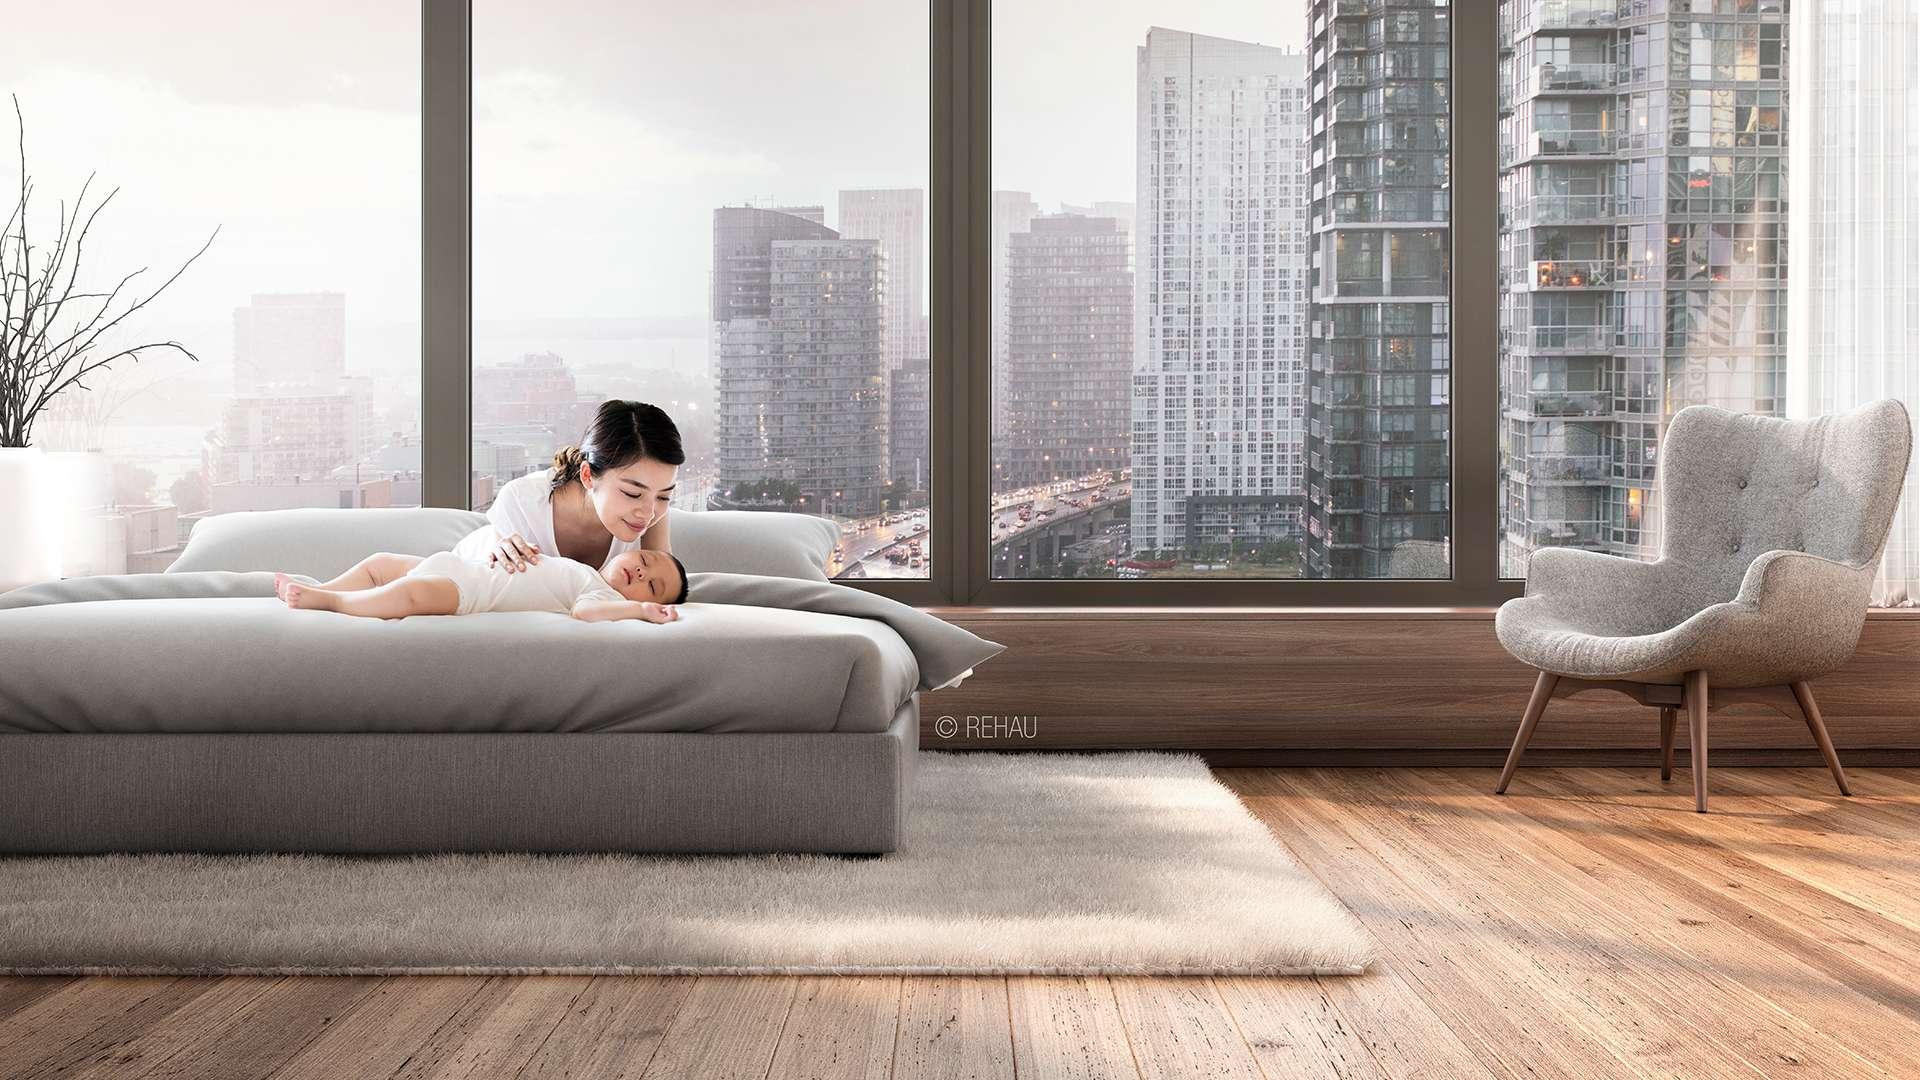 Frau liegt auf Bett vor einer Fensterfront mit Blick auf Großstadt